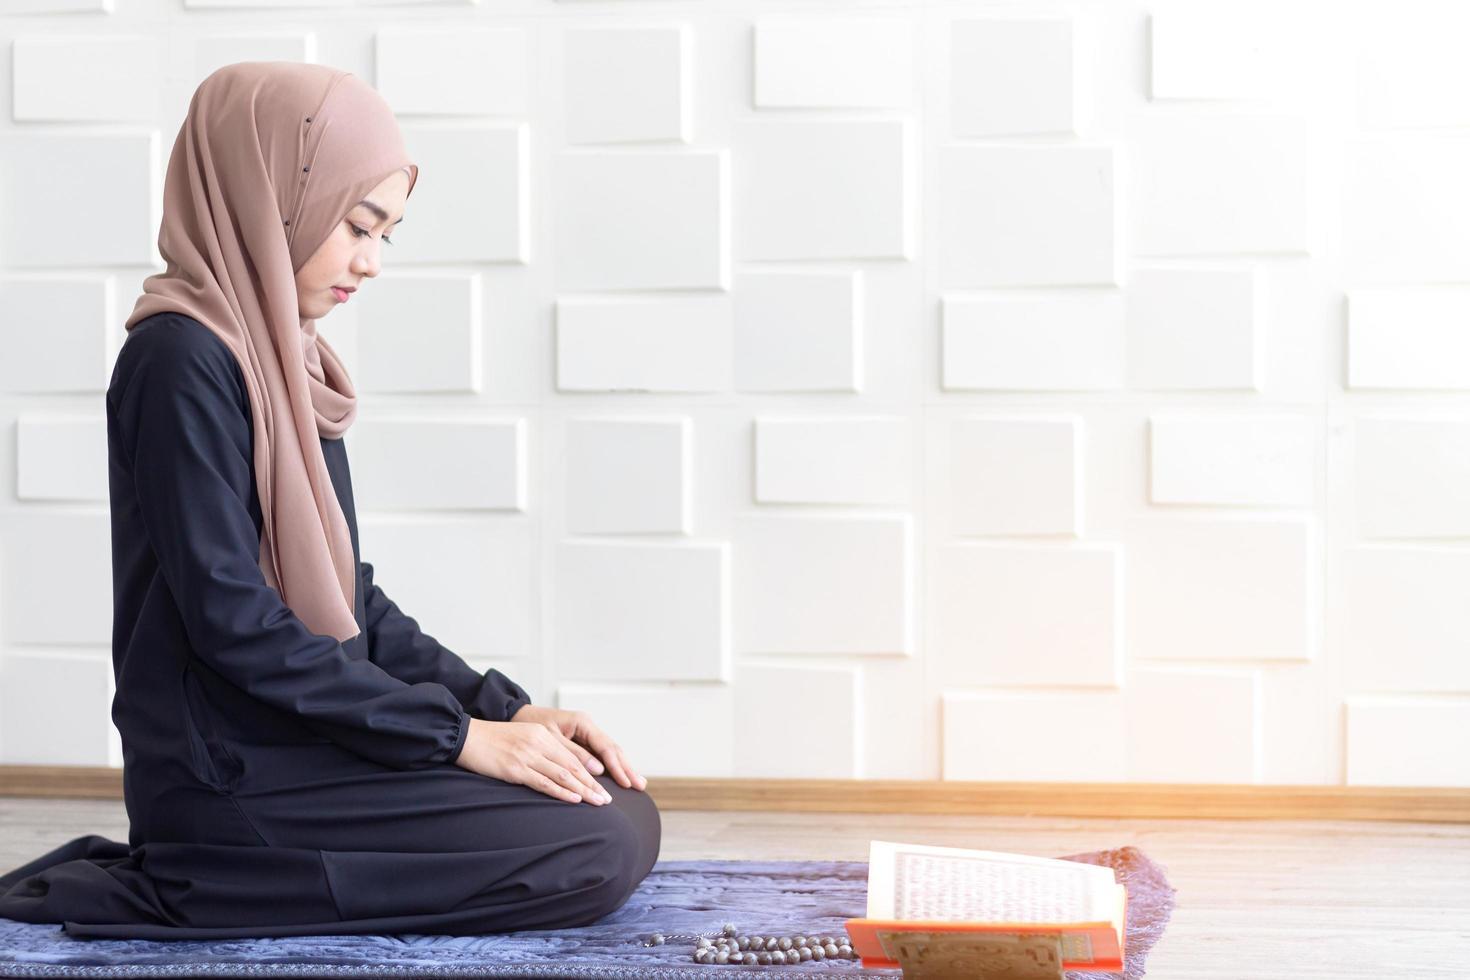 mujeres musulmanas vestidas con hijab negro, rezando foto